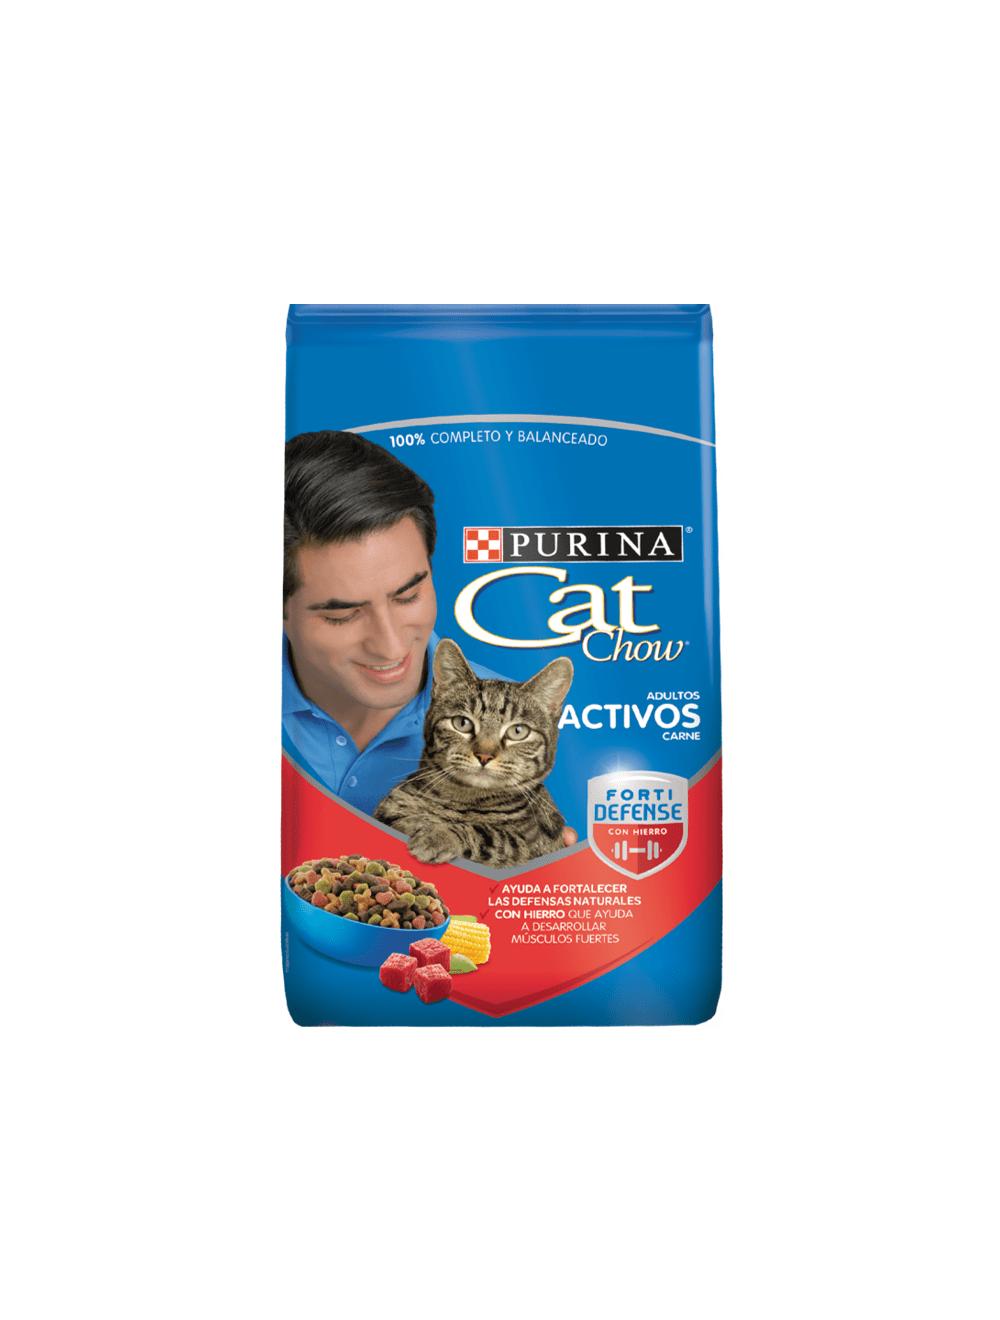 Purina Cat Chow Para Gatos Adultos Activos Carne (8 Kg)